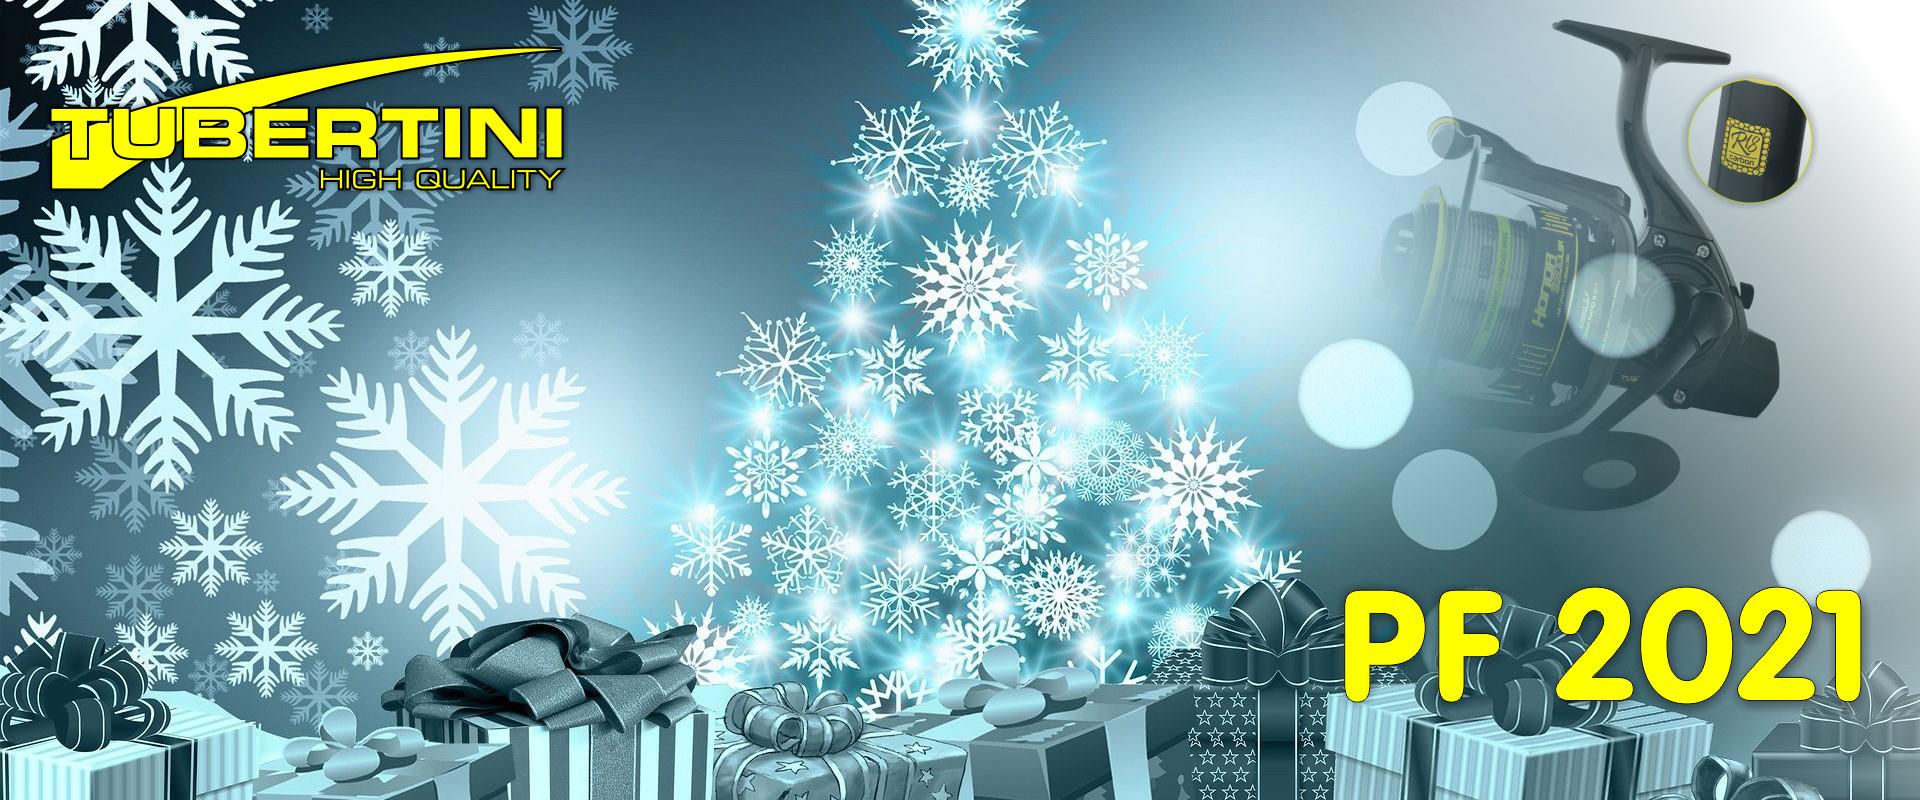 Veselé Vánoce a šťastný nový rok.